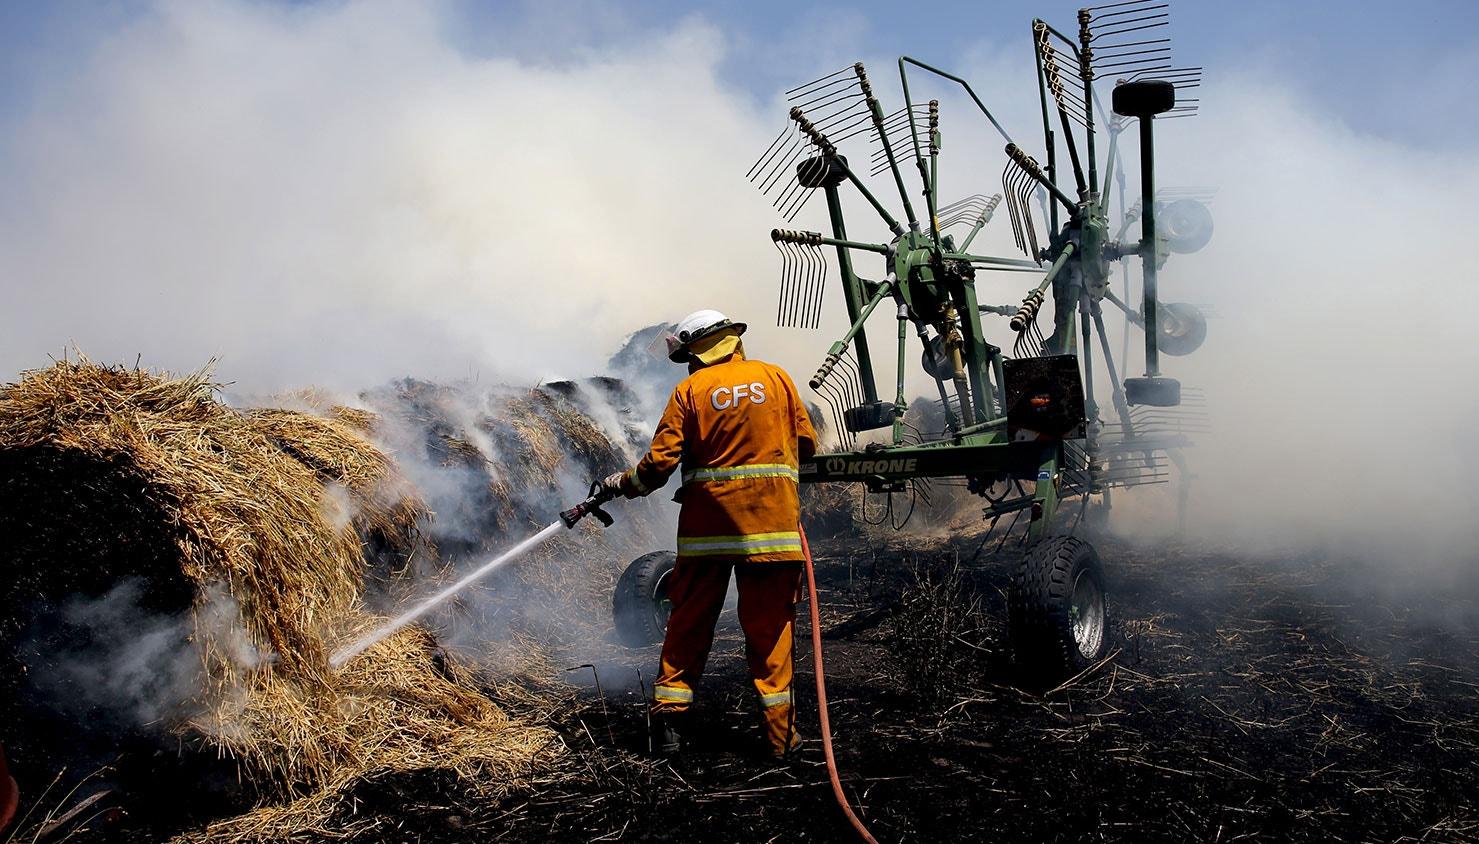 Bombeiro coloca fardos de feno em chamas para combater o incêncio em Adelaide Hills, Austrália | Kelly Barnes - EPA